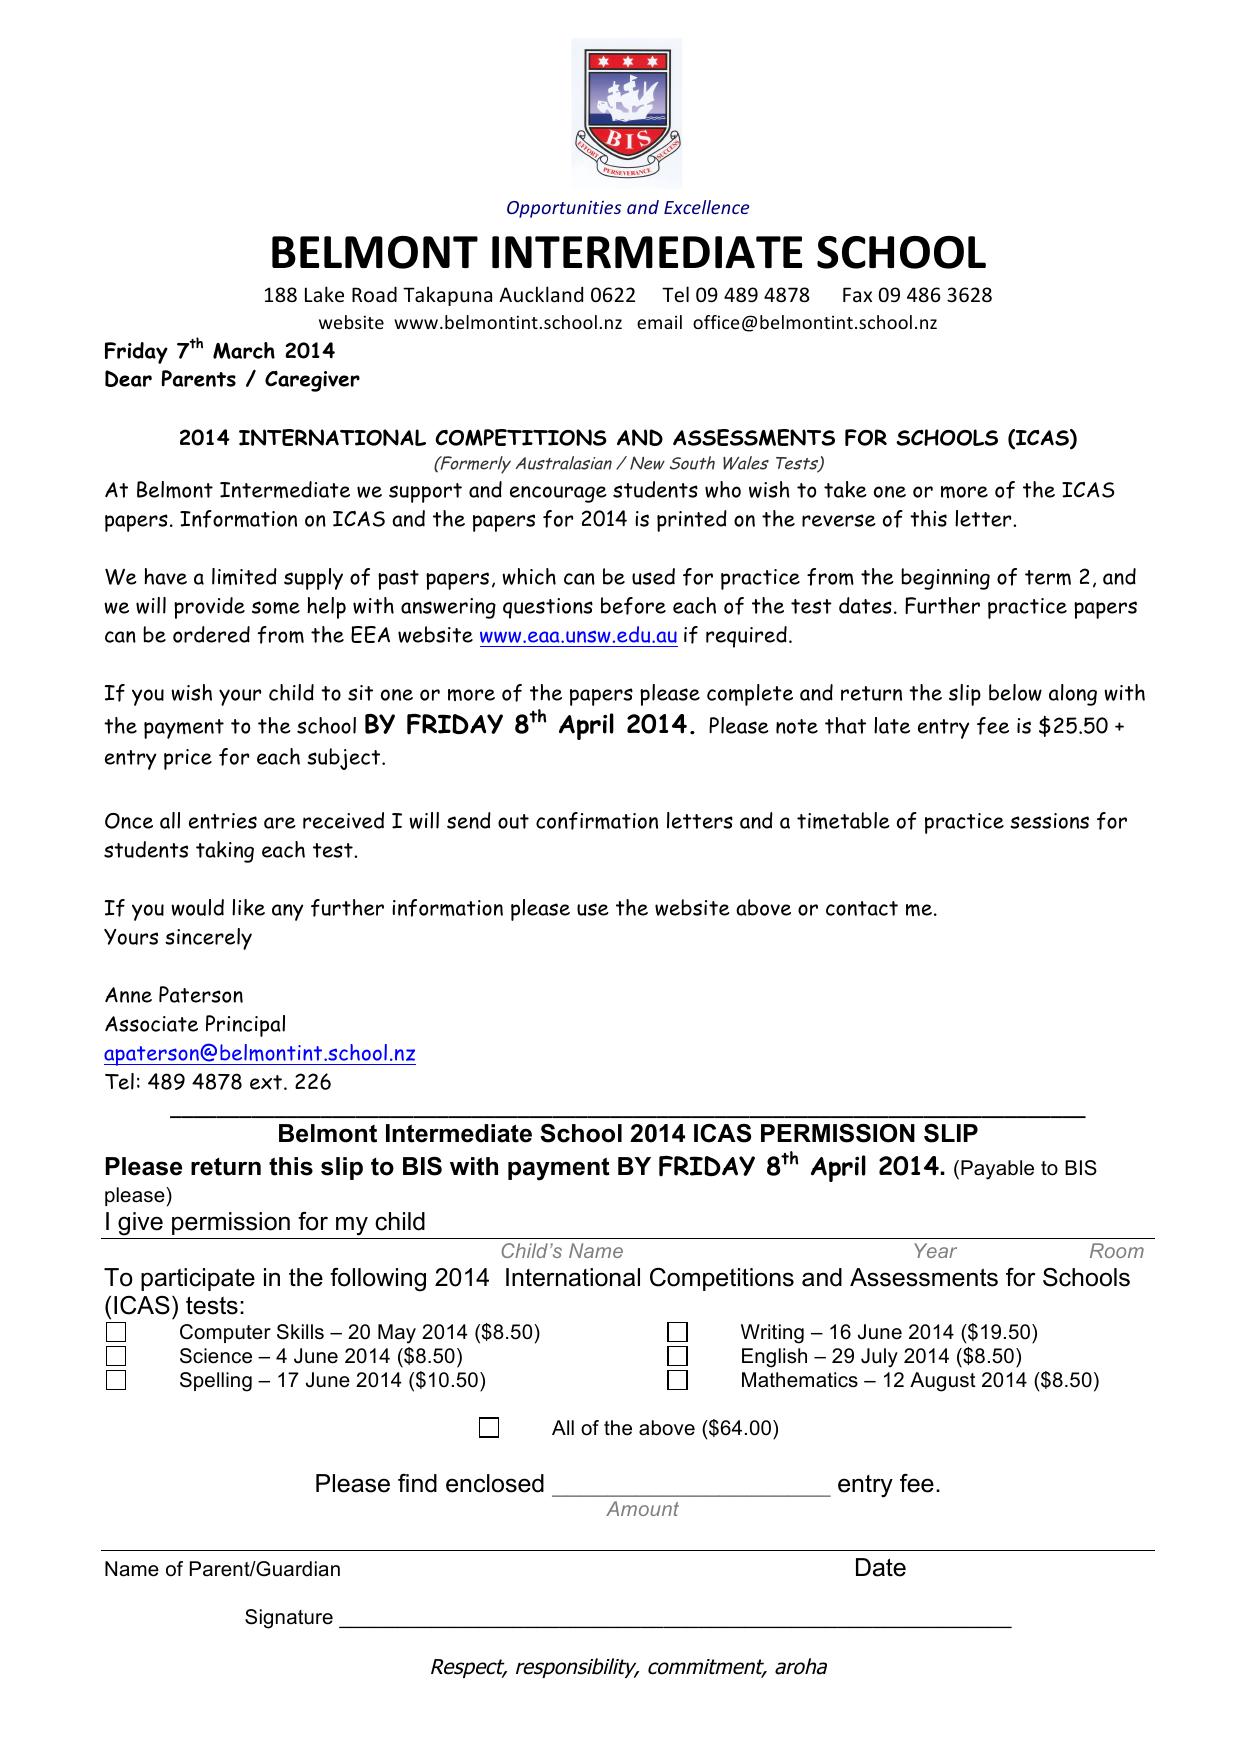 2014 Icas Letter-1 - Belmont Intermediate School